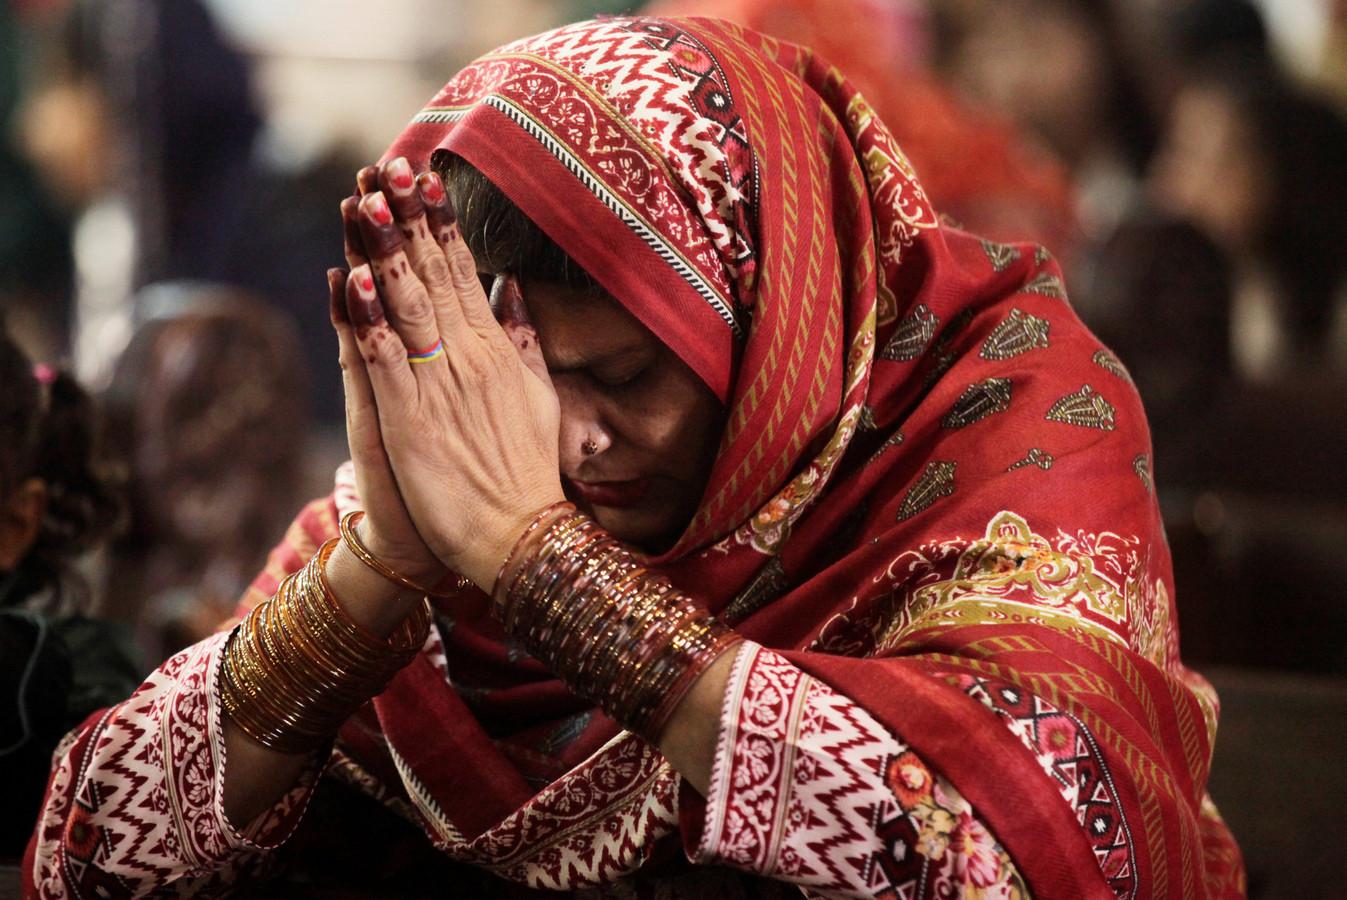 Een vrouw bidt tijdens de mis in de Heilig Hart kerk in de Pakistaanse stad Lahore.